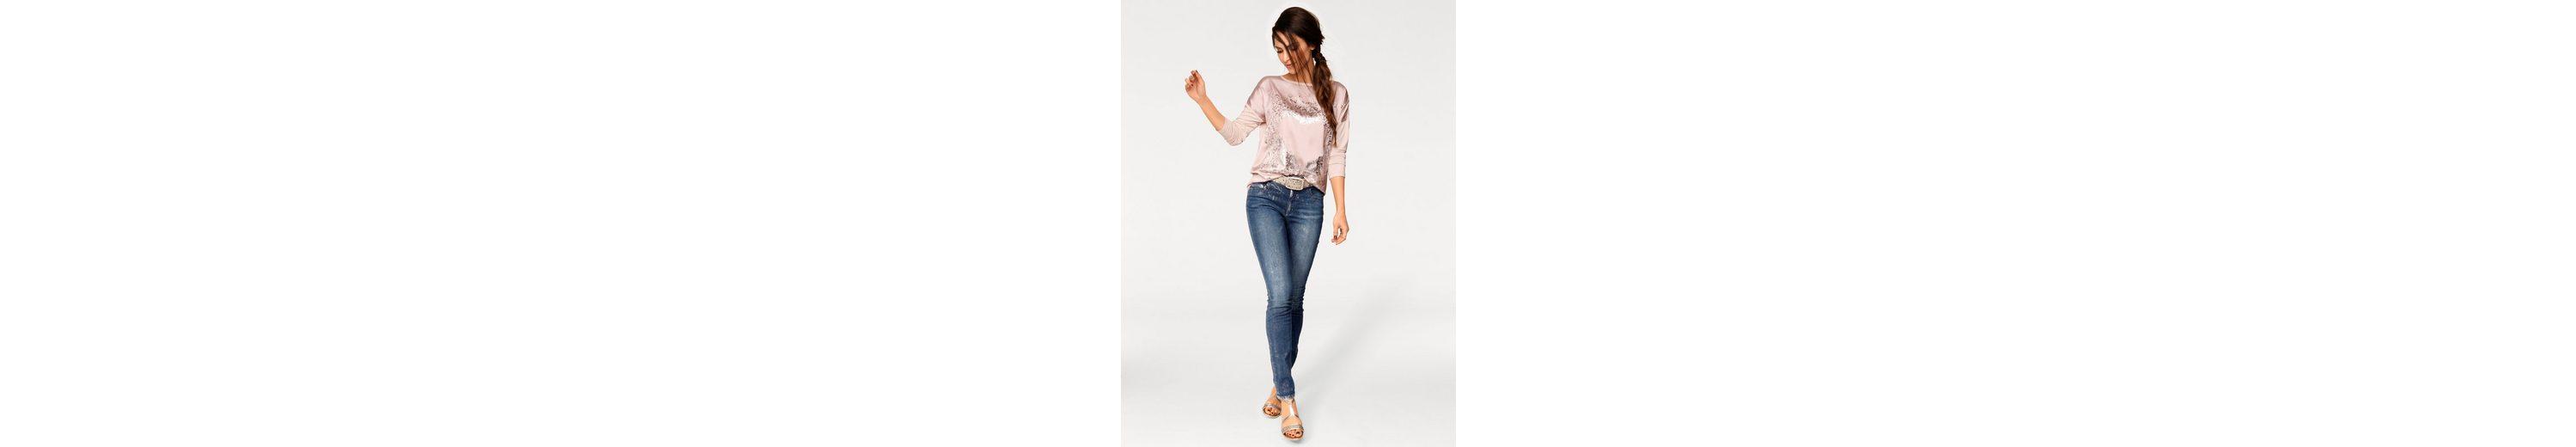 ASHLEY BROOKE by Heine Bodyform-Jeans mit Metallic-Effekt Online Kaufen Mit Paypal Billig Verkauf Mit Paypal OioxGaoI4